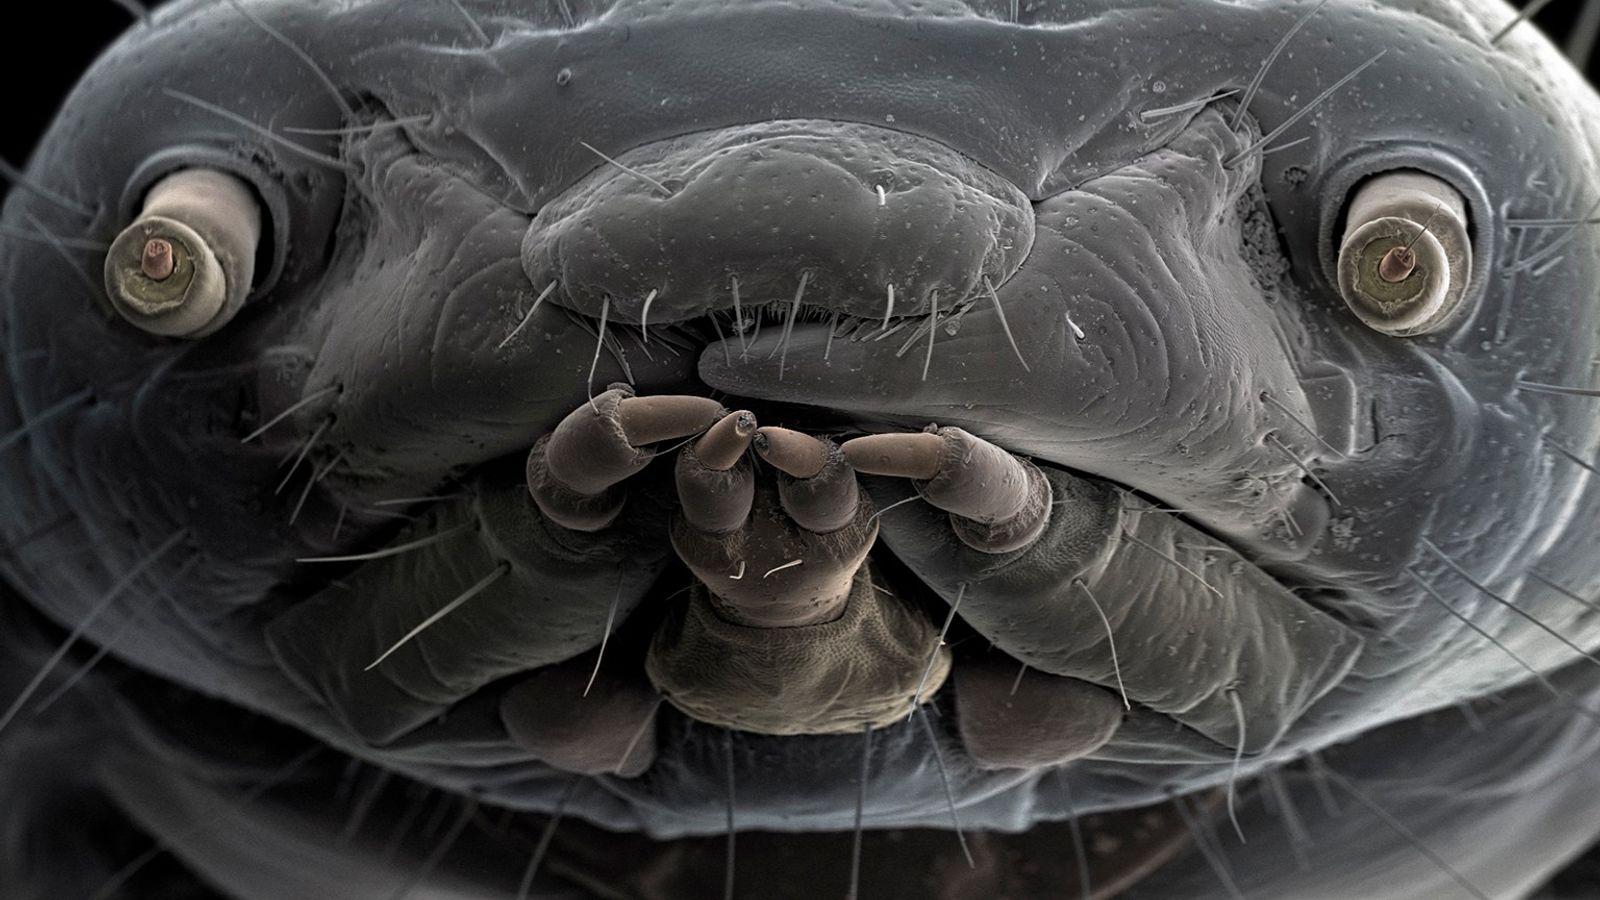 El rostro ampliado de un gusano de la harina revela unos ojos y boca expresivos. Los ...